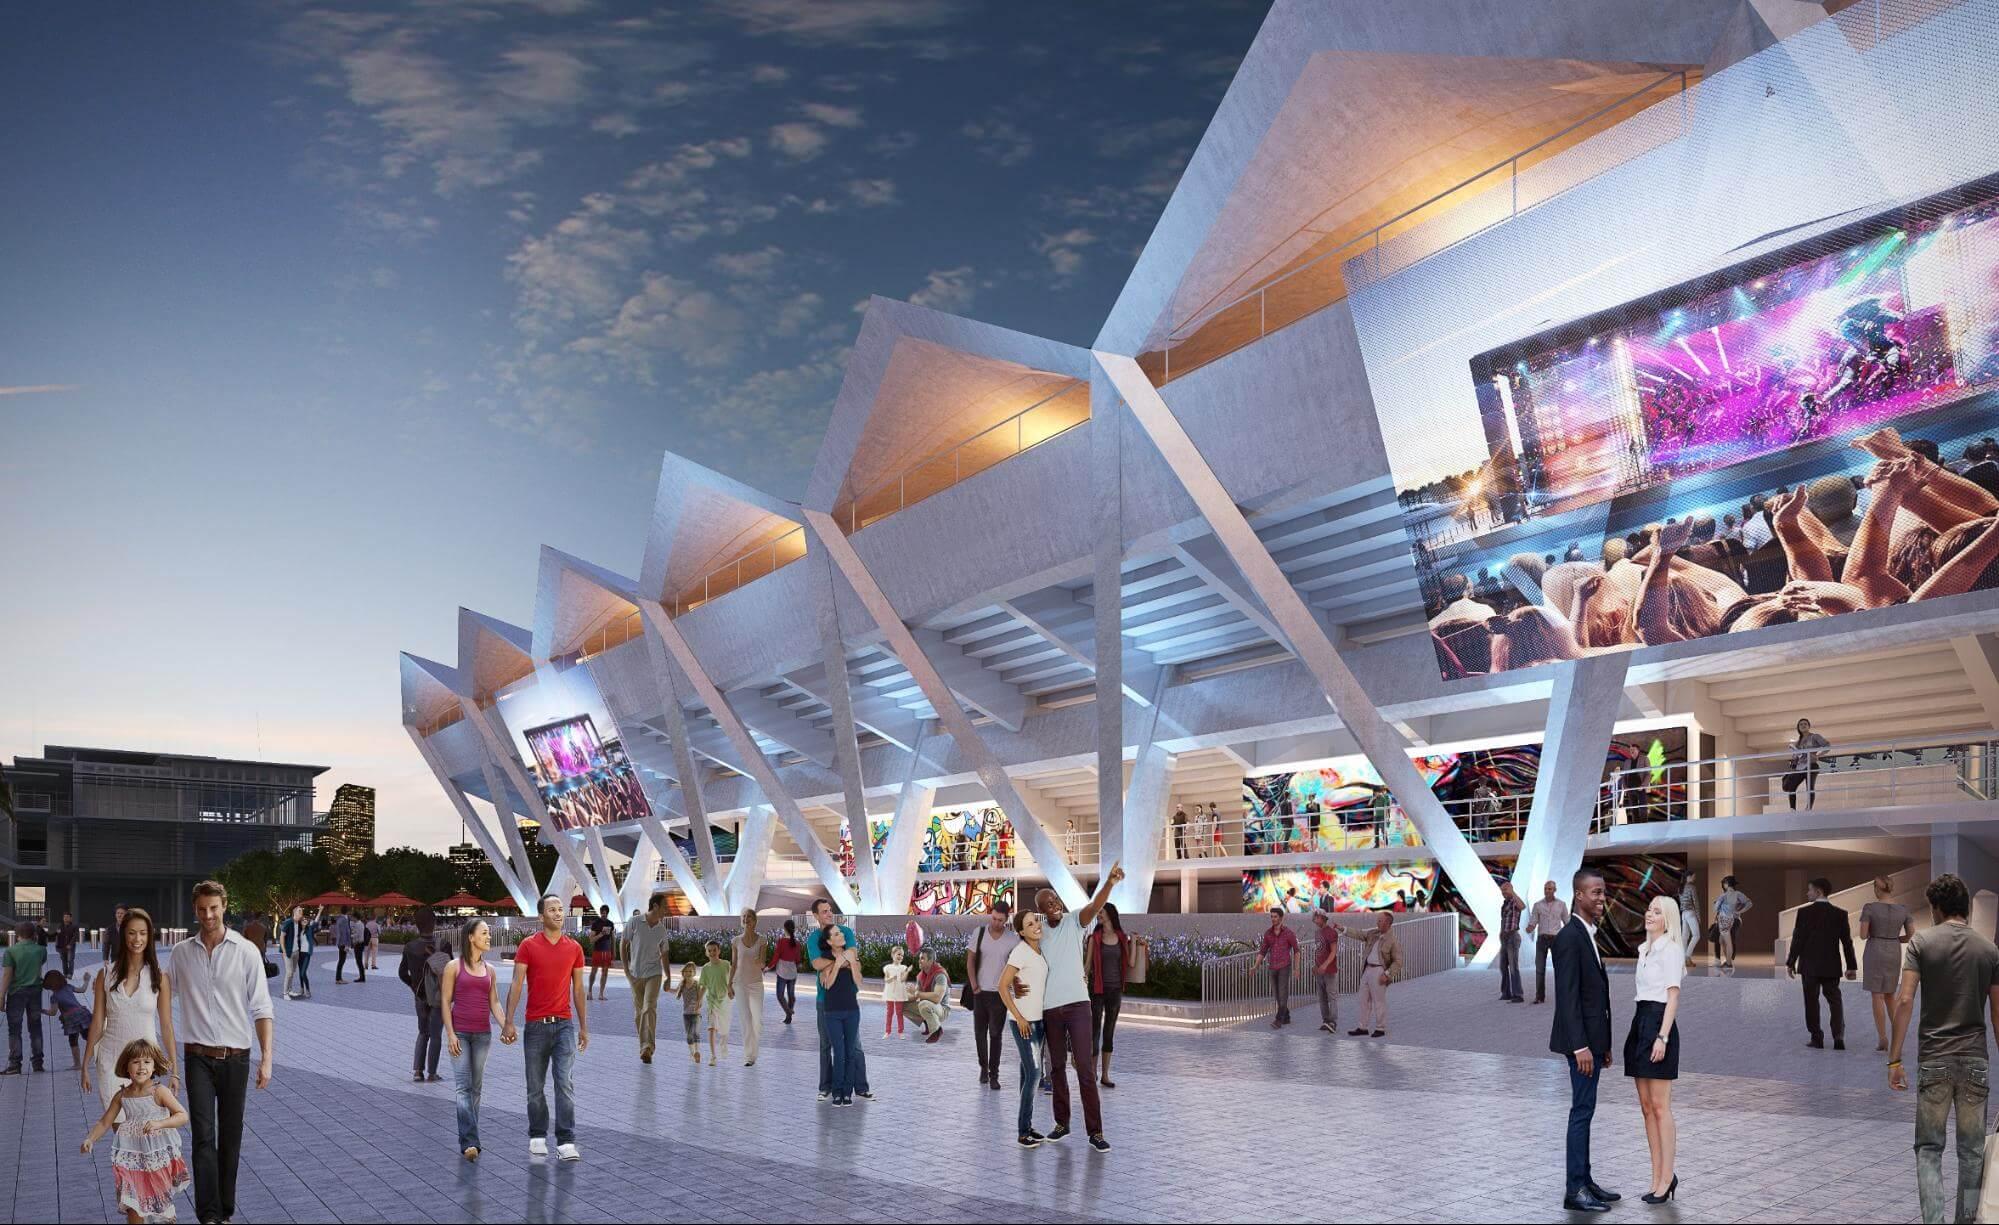 miami-marine-stadium-future-render